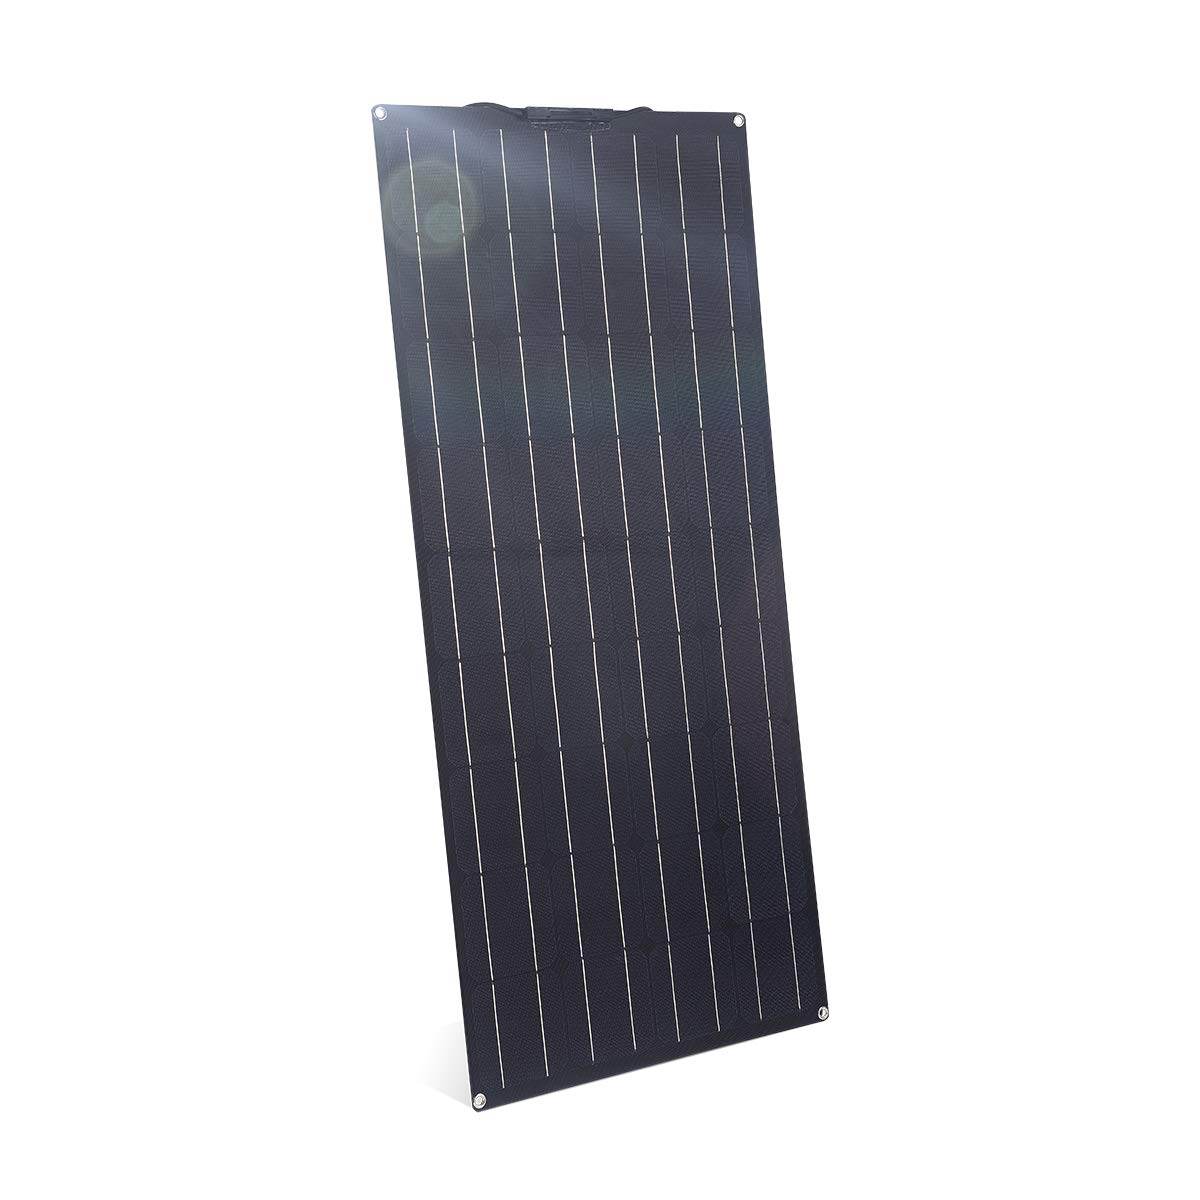 Remolque Tienda Negro Coche SARONIC Panel Solar ETFE Flex Monocristalino Semiflexible de 100W para RV Barco Bater/ía de 12V o Cualquier otra Superficie Irregular